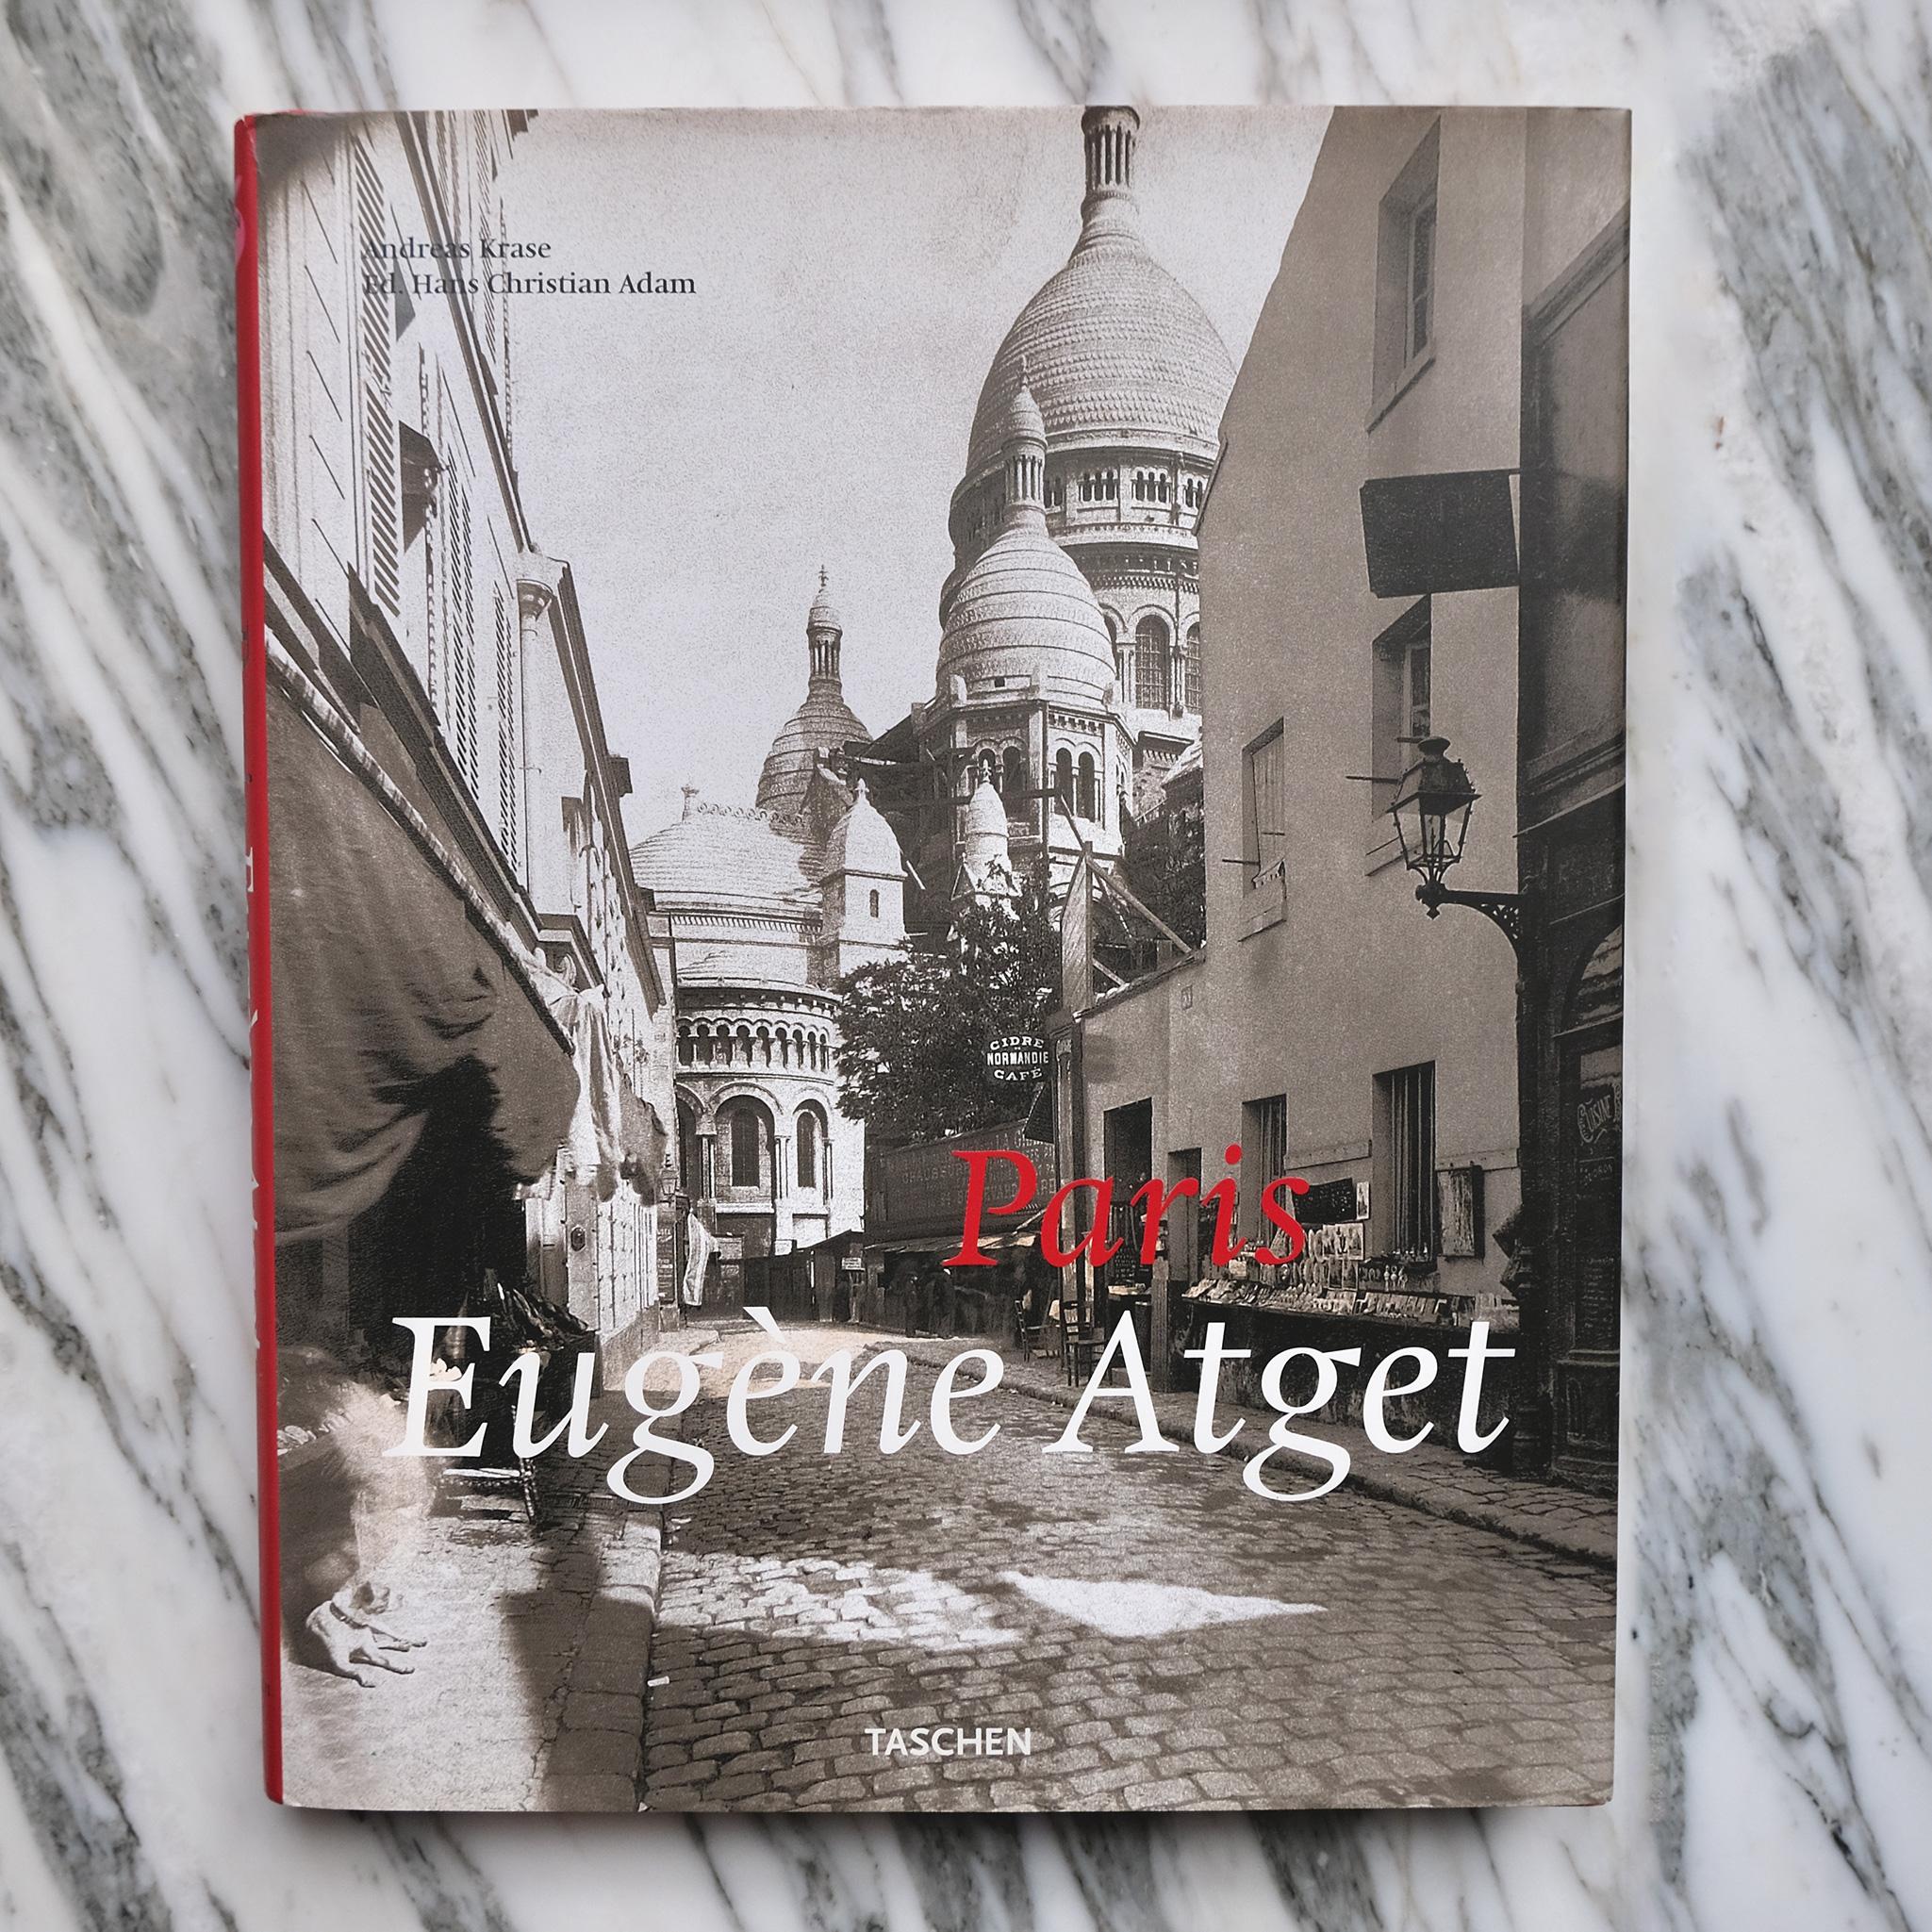 second bouquinistes auction Eugène Atget's Paris